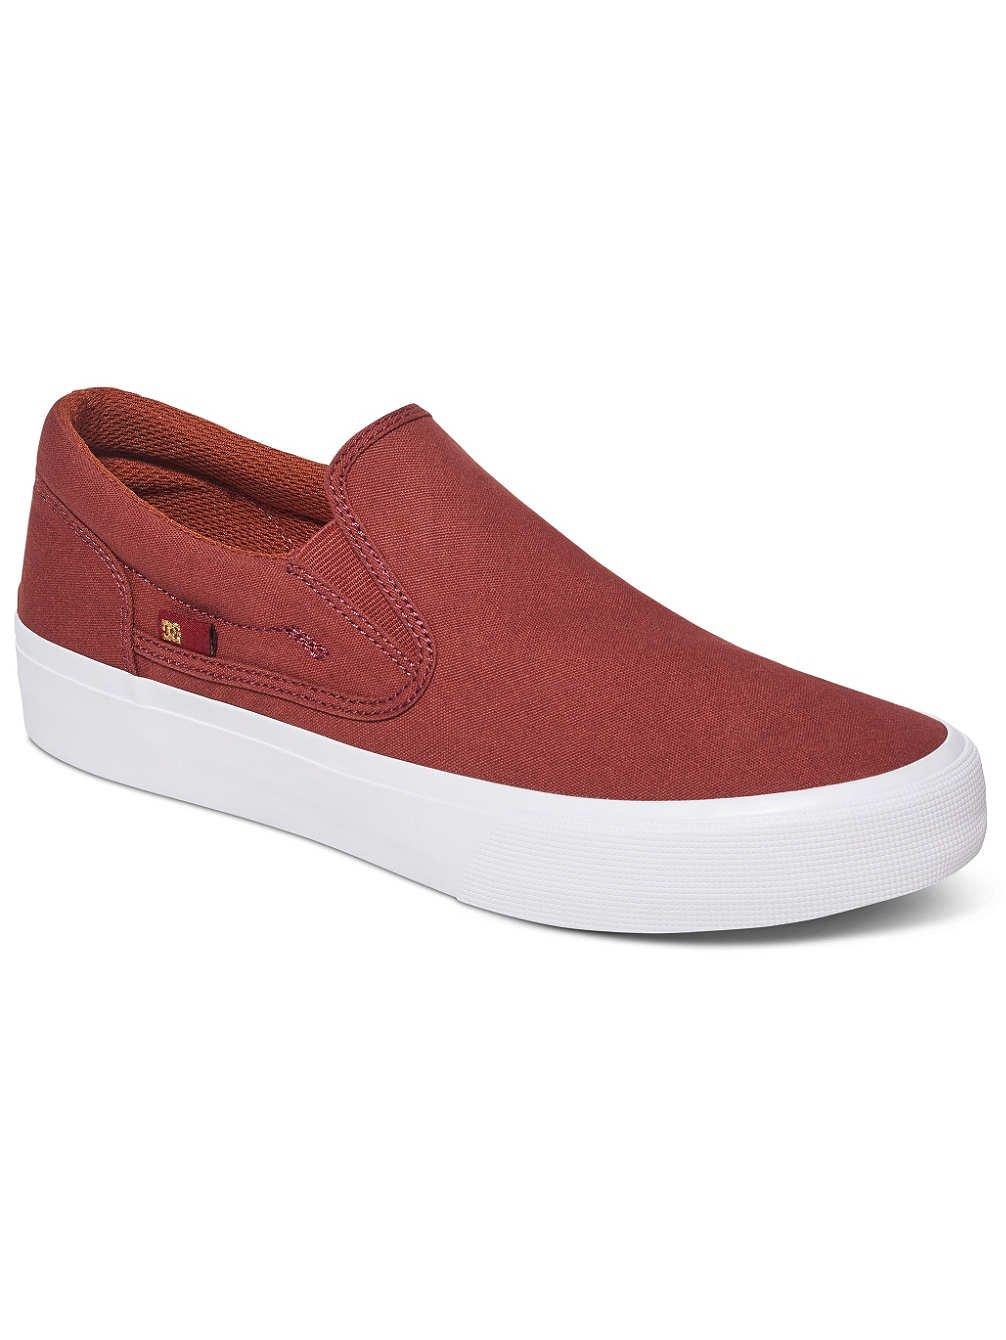 DC Shoes Trase - Zapatillas para Hombre 43 EU|Burnt Henna/White